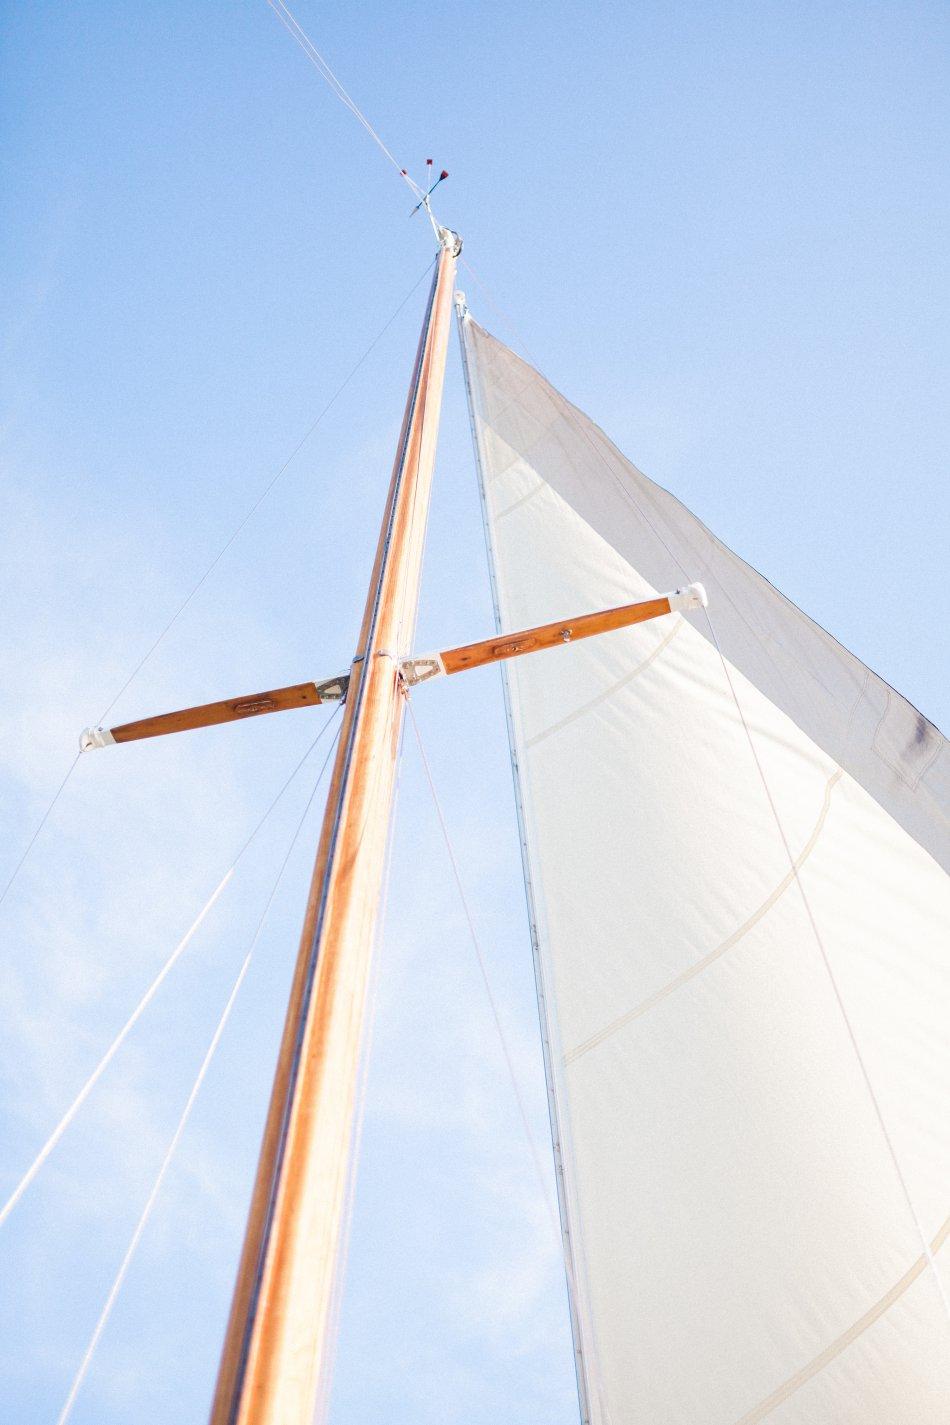 naples-luxury-sailing-engagement-photography-nautical-sailboat-engagement_1044.jpg